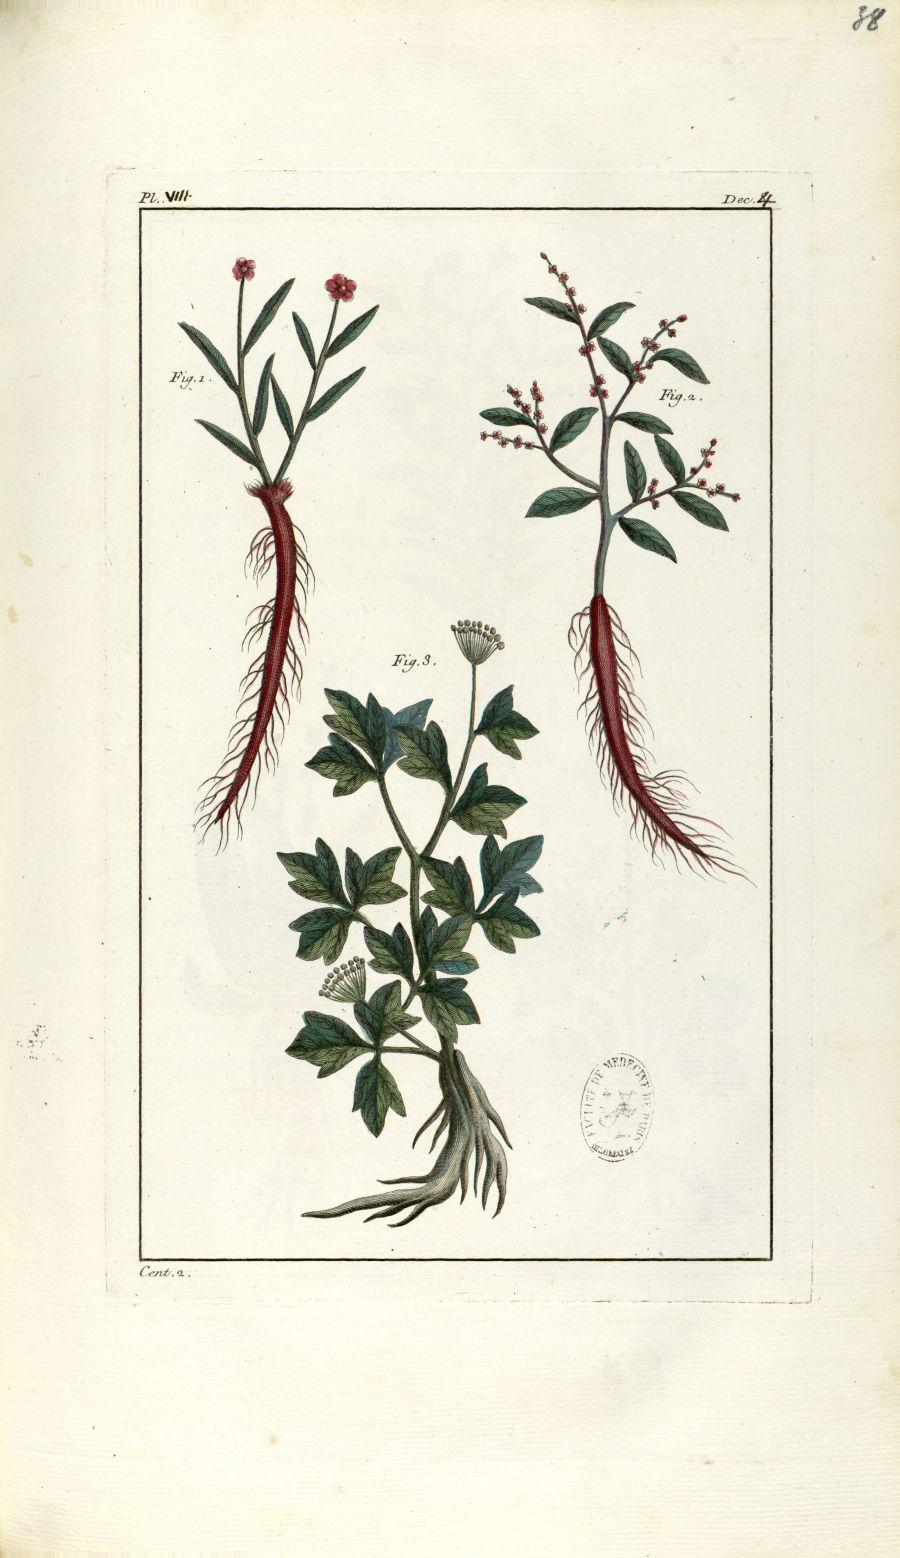 Planche VIII. Dec. 4. Cent. 2 - Herbier ou collection des plantes médicinales de la Chine d'après un [...] - Botanique. Plantes (médecine). Chine. 18e siècle - med01989x0041